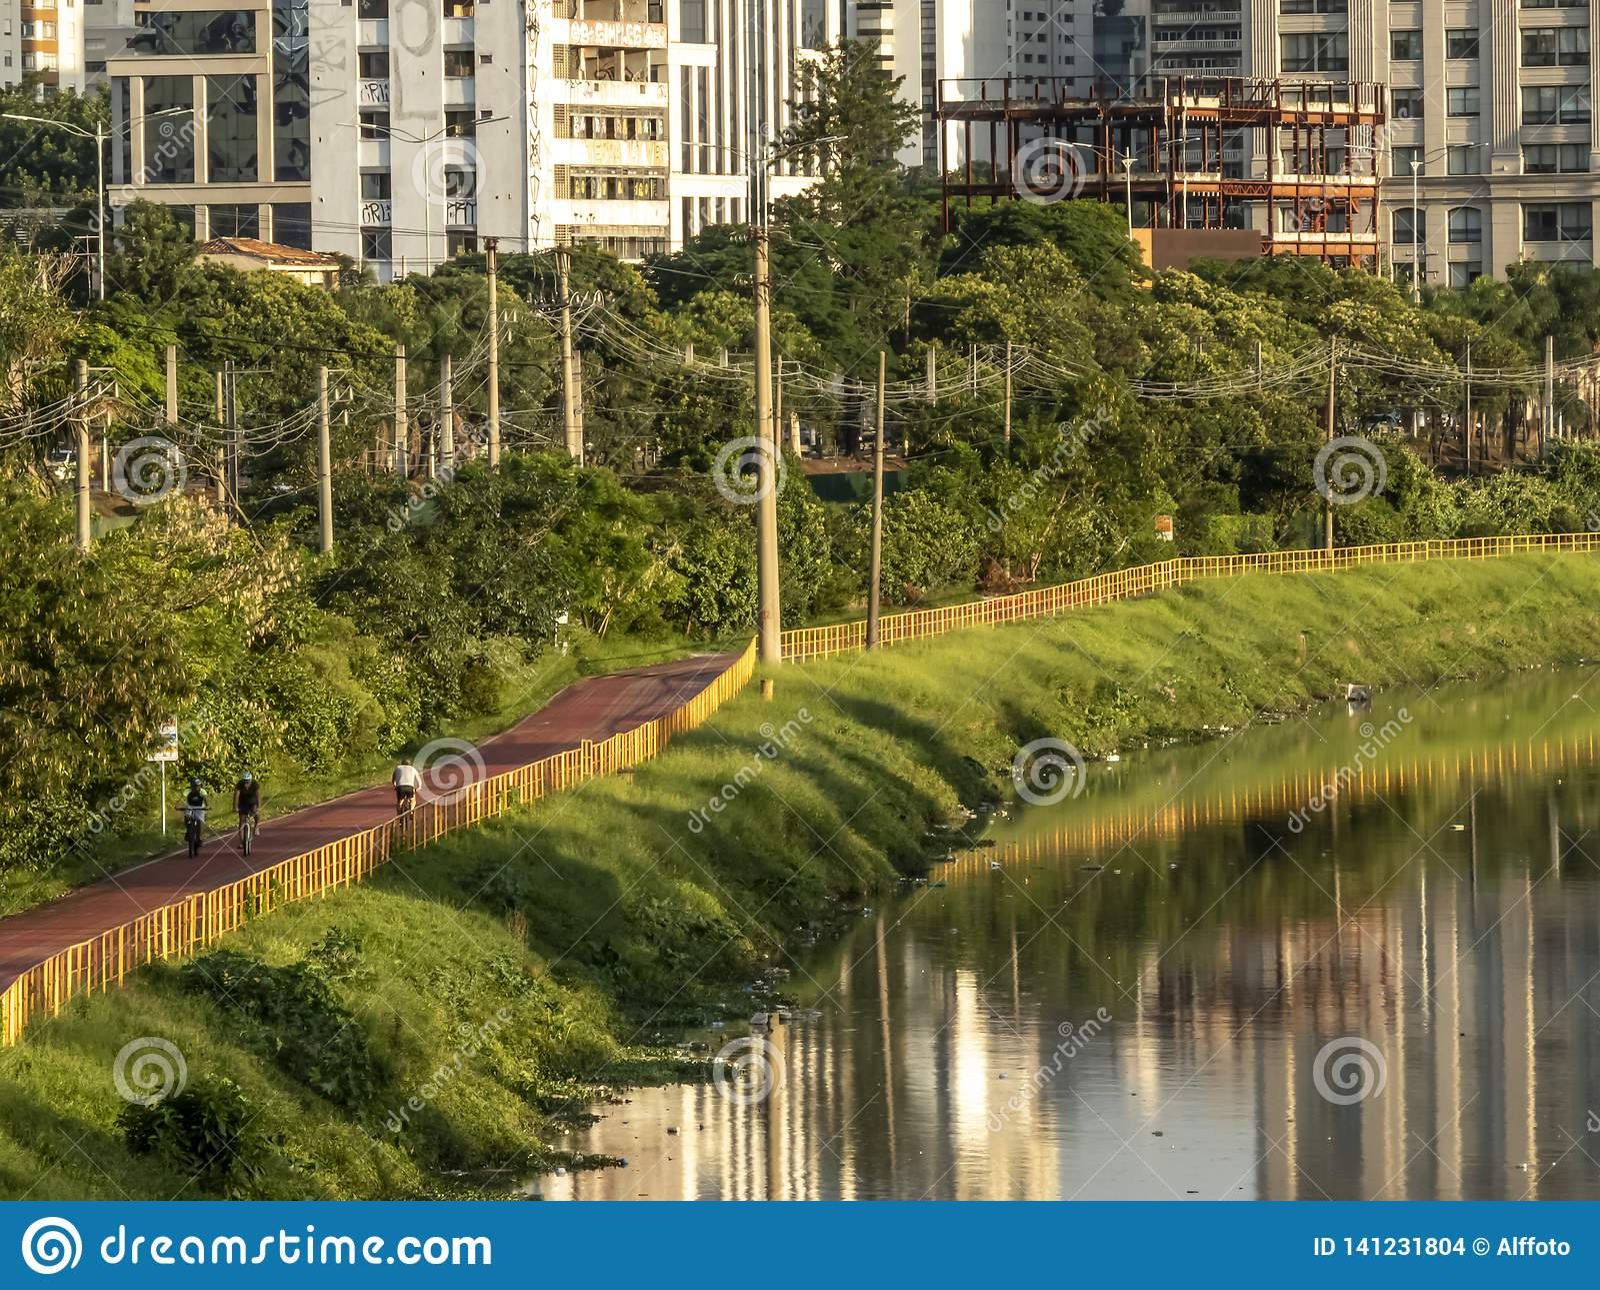 近自行车道的骑自行车者皮涅鲁斯河,圣保罗的西边